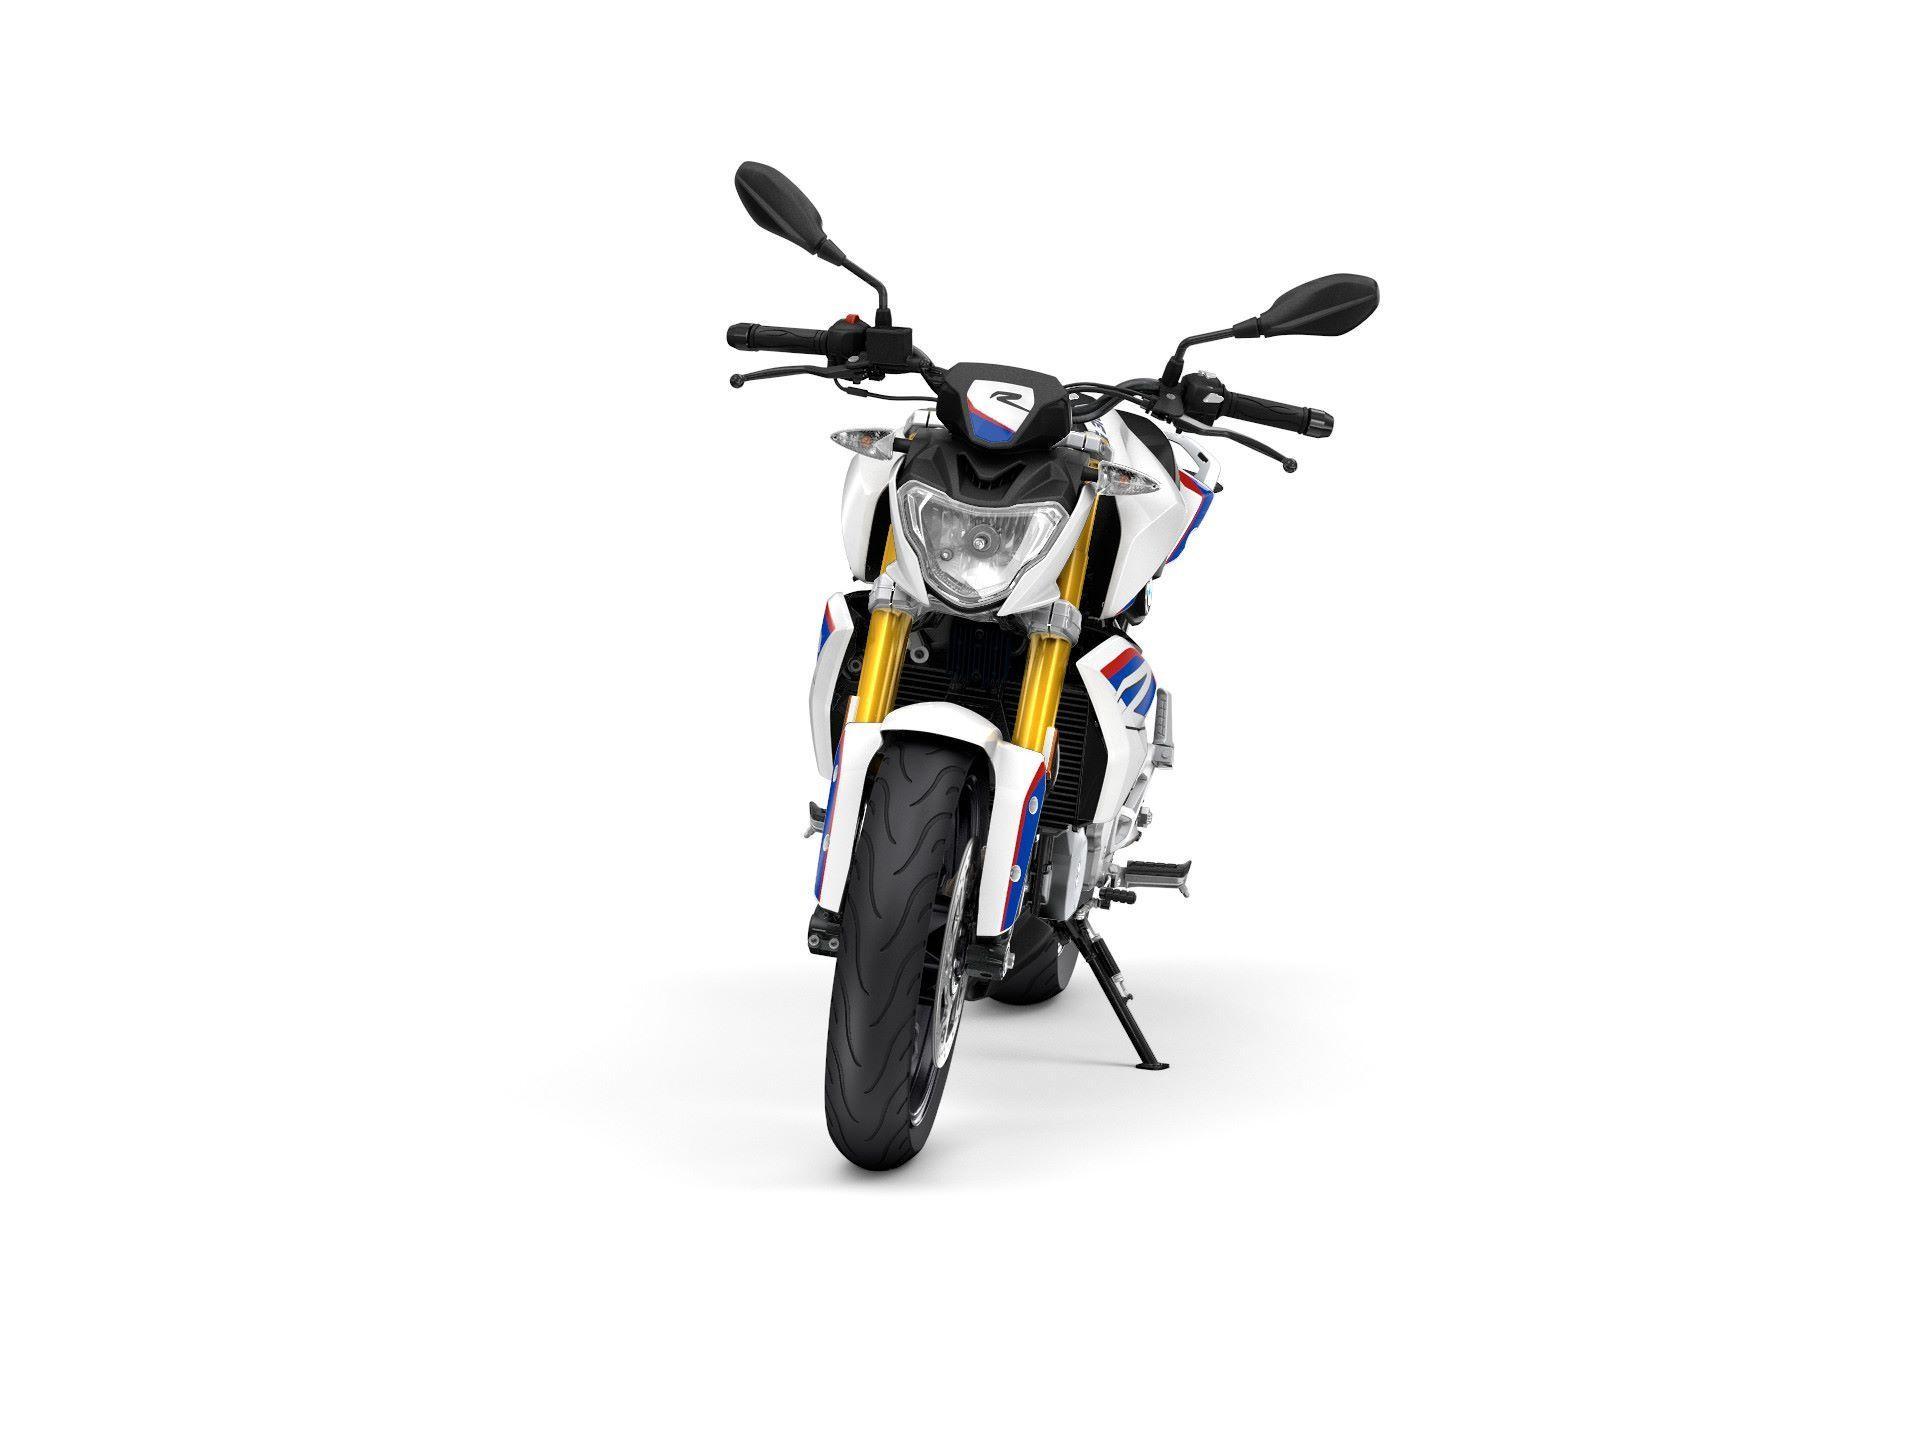 motorrad vorf hrmodell kaufen bmw g 310 r abs bmw niederlassung z rich dielsdorf dielsdorf. Black Bedroom Furniture Sets. Home Design Ideas